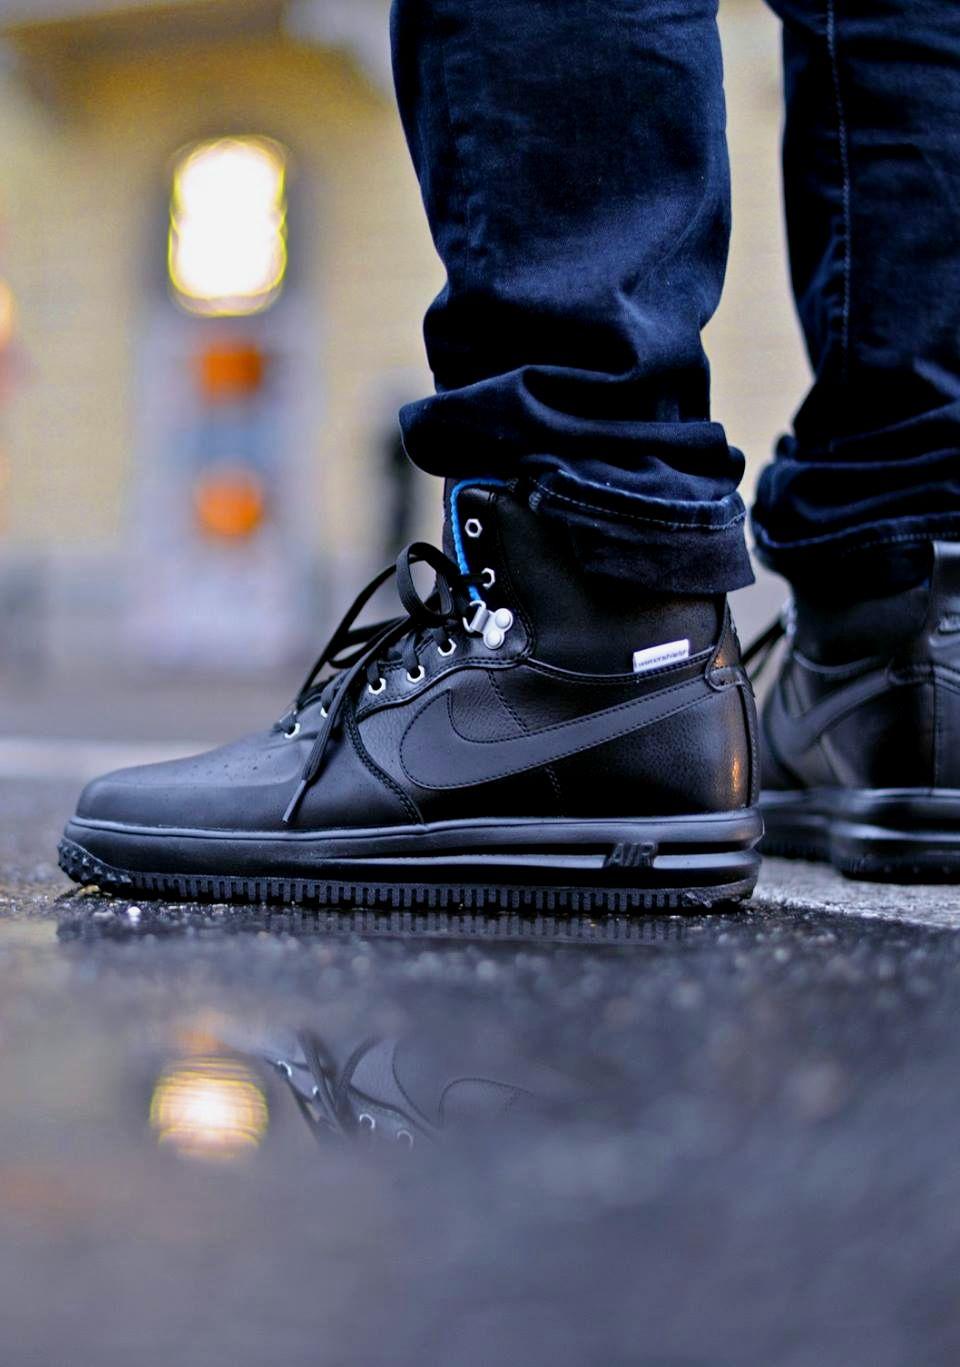 Si te gusta el deporte y las zapatillas Nike mira qué chollo Nike Air Max  90 desde tan solo 65 euros 7182aa48330ce